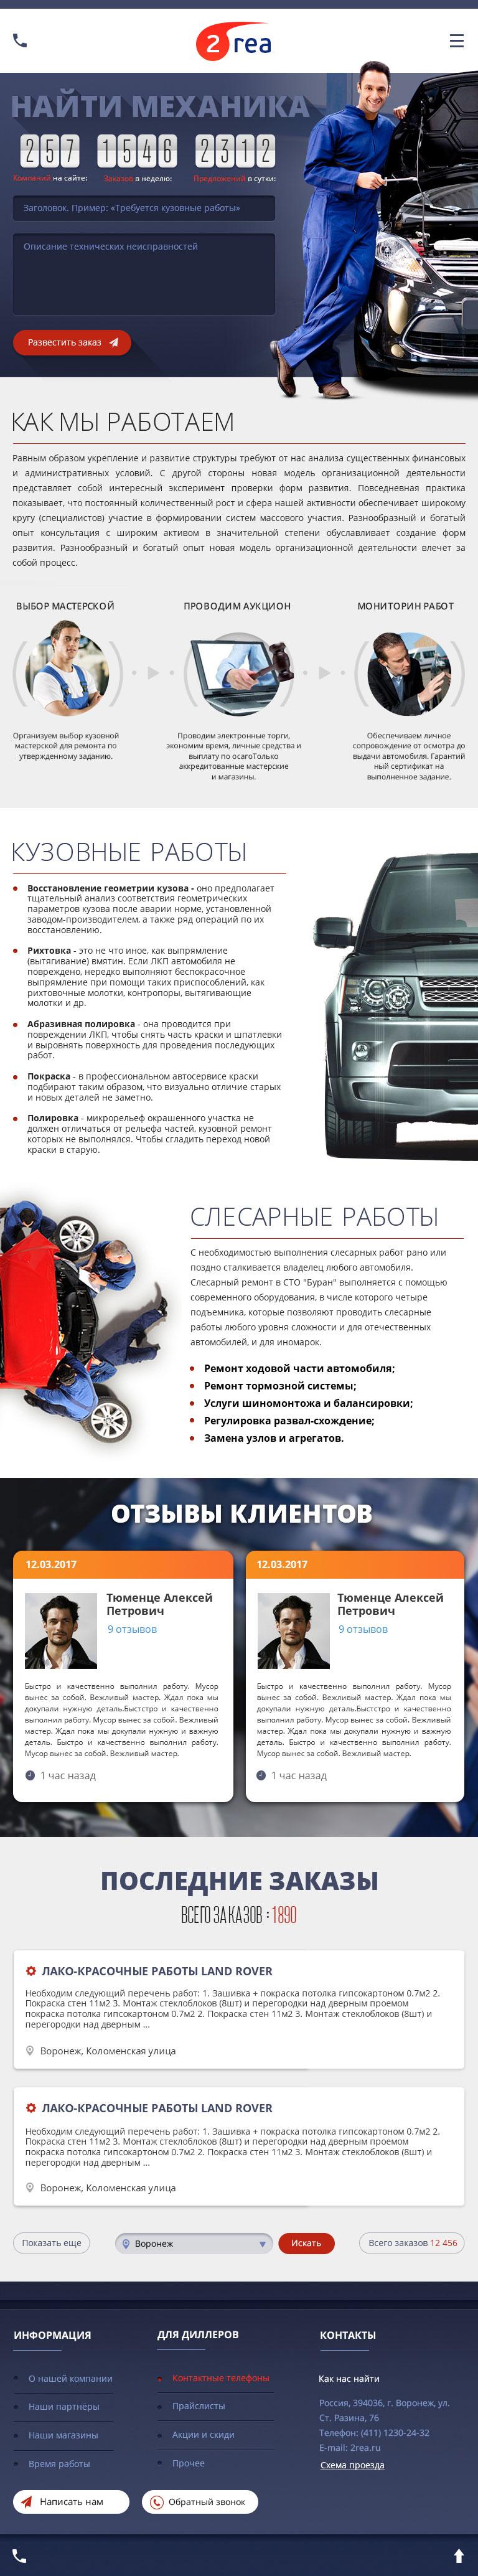 сайты транспорт пример 2rea.com 640 px